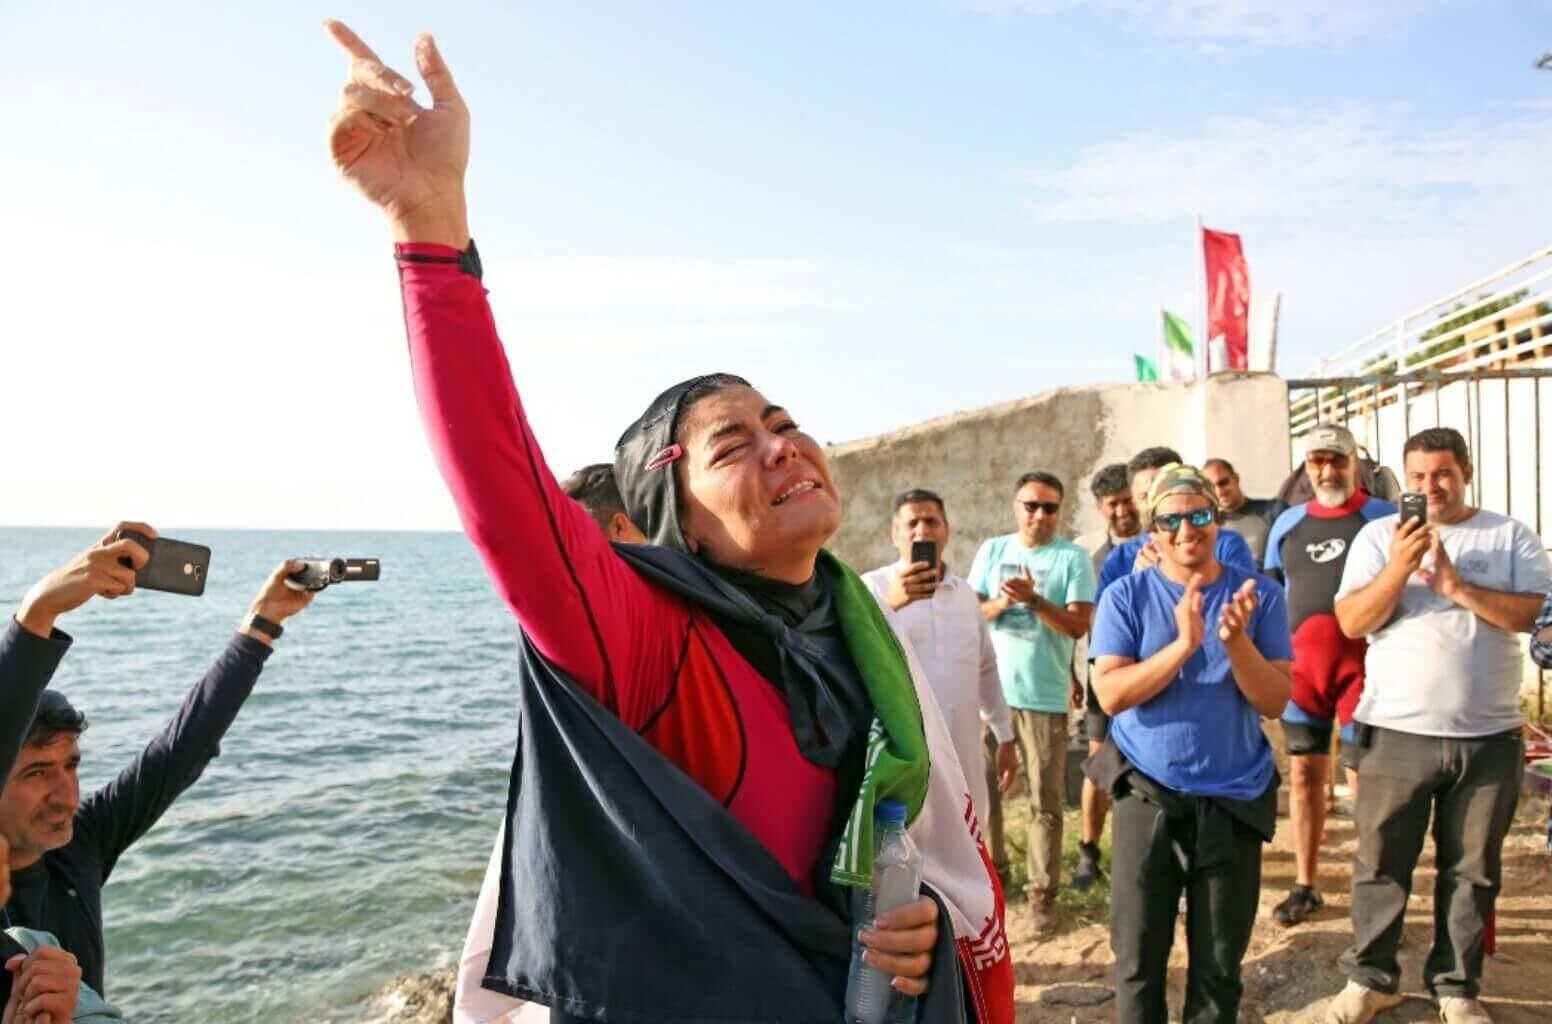 ثبت رکورد جهانی شنا با یک دست بسته به نام بانوی ایرانی